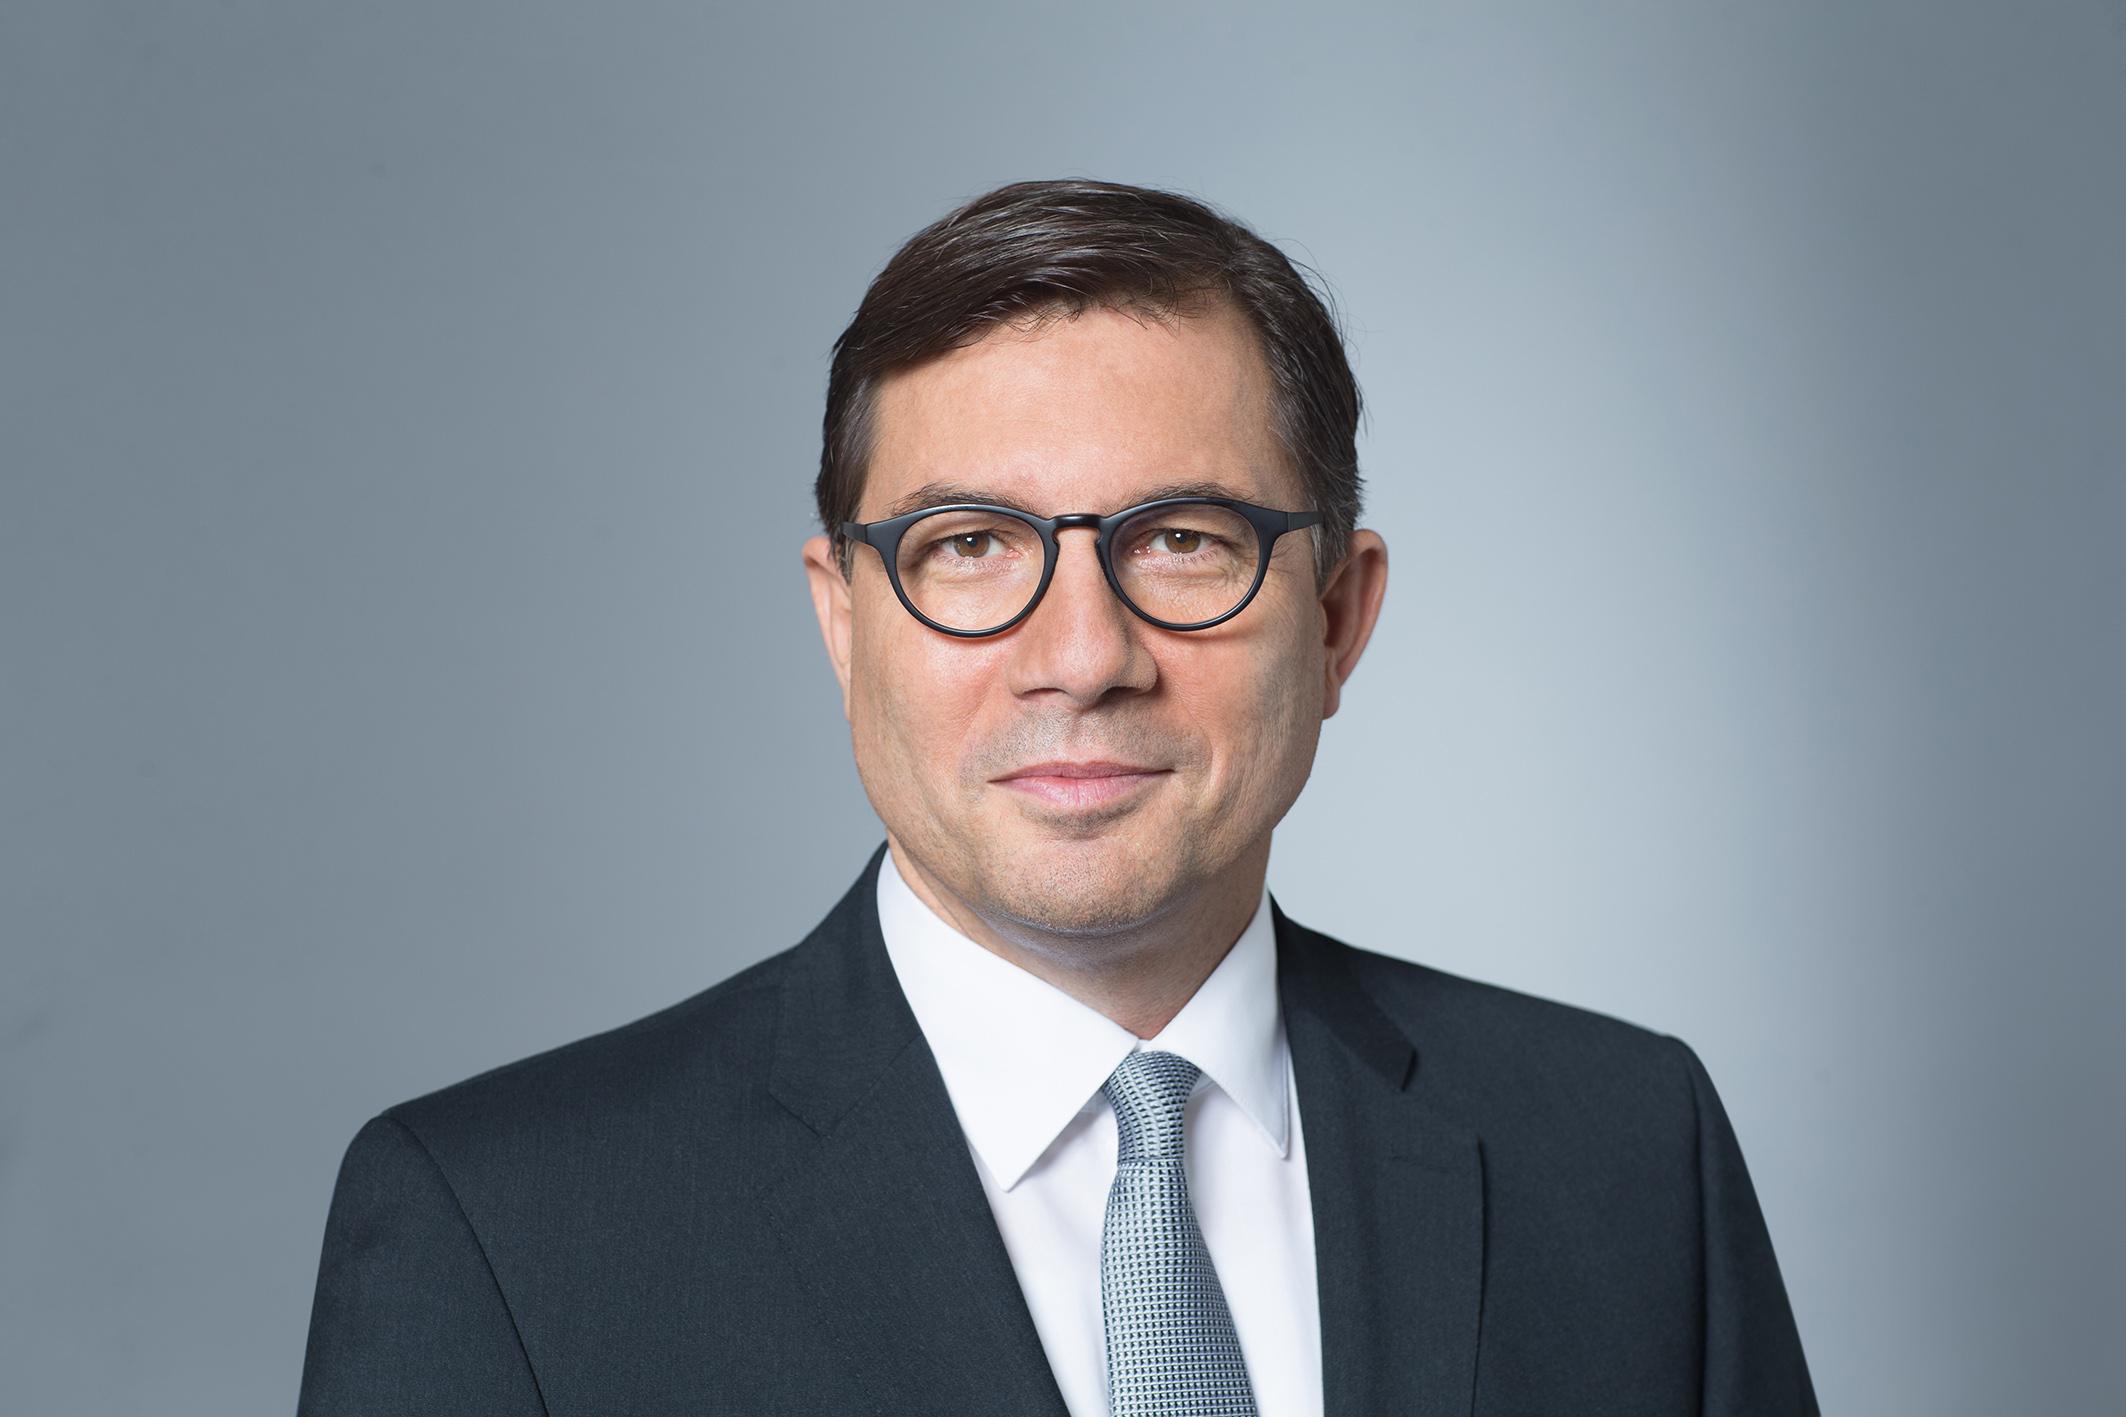 Sven Schneider